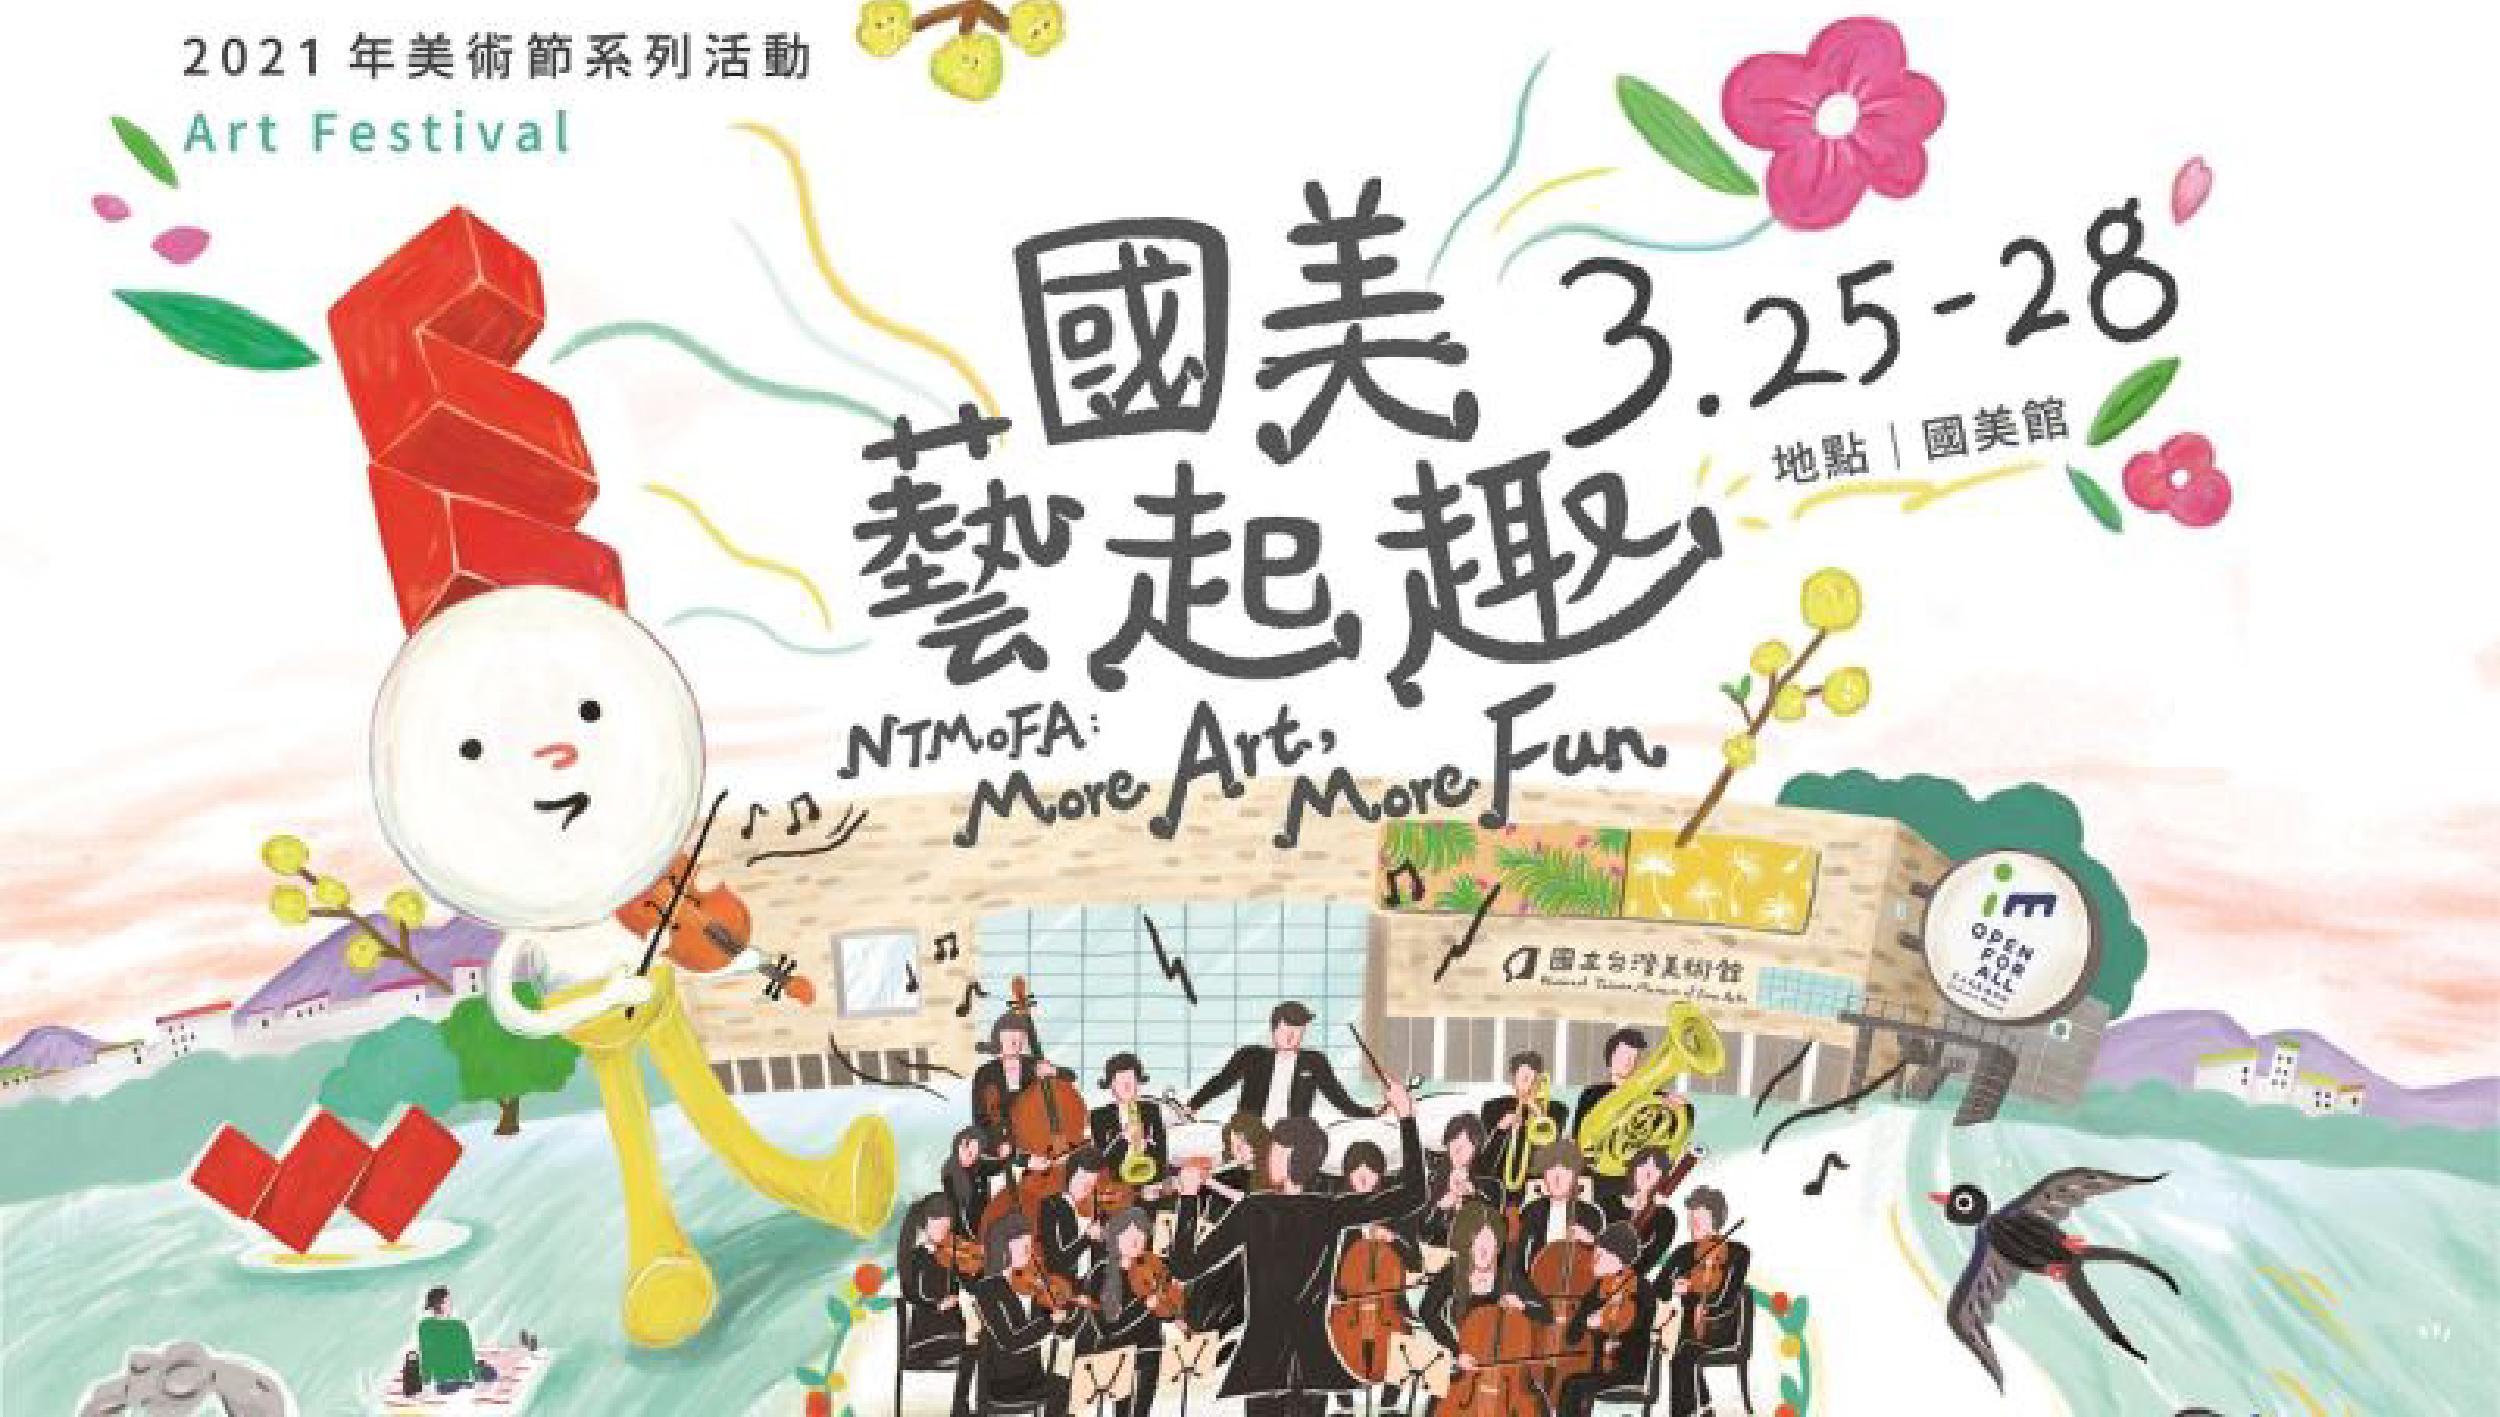 歡慶2021美術節,國美館邀請全民藝起趣